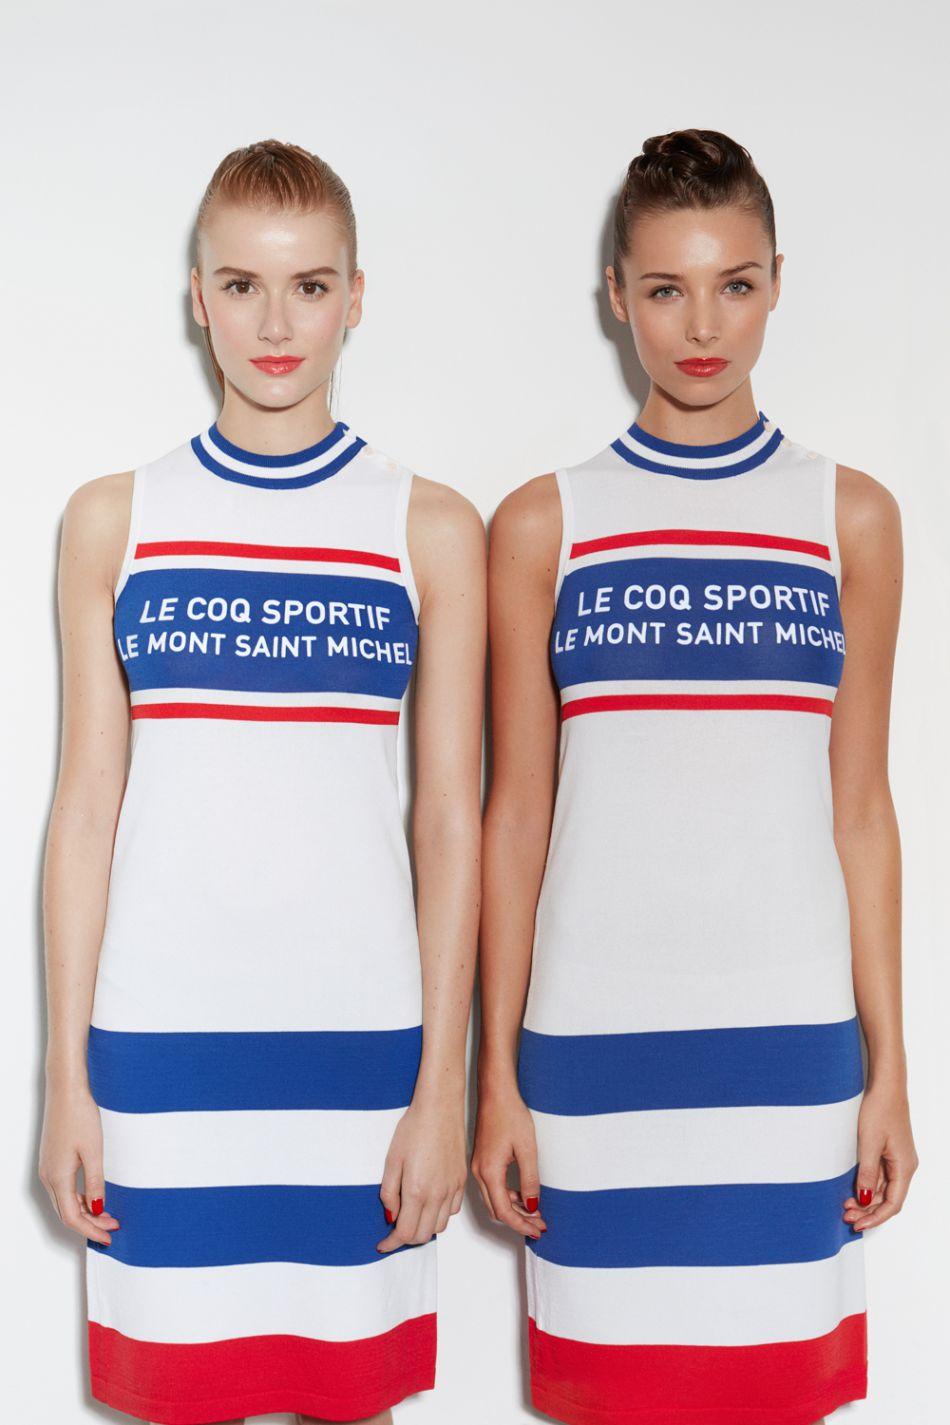 Robe sport, Le Coq Sportif x Le Mont Saint Michel, 225€.